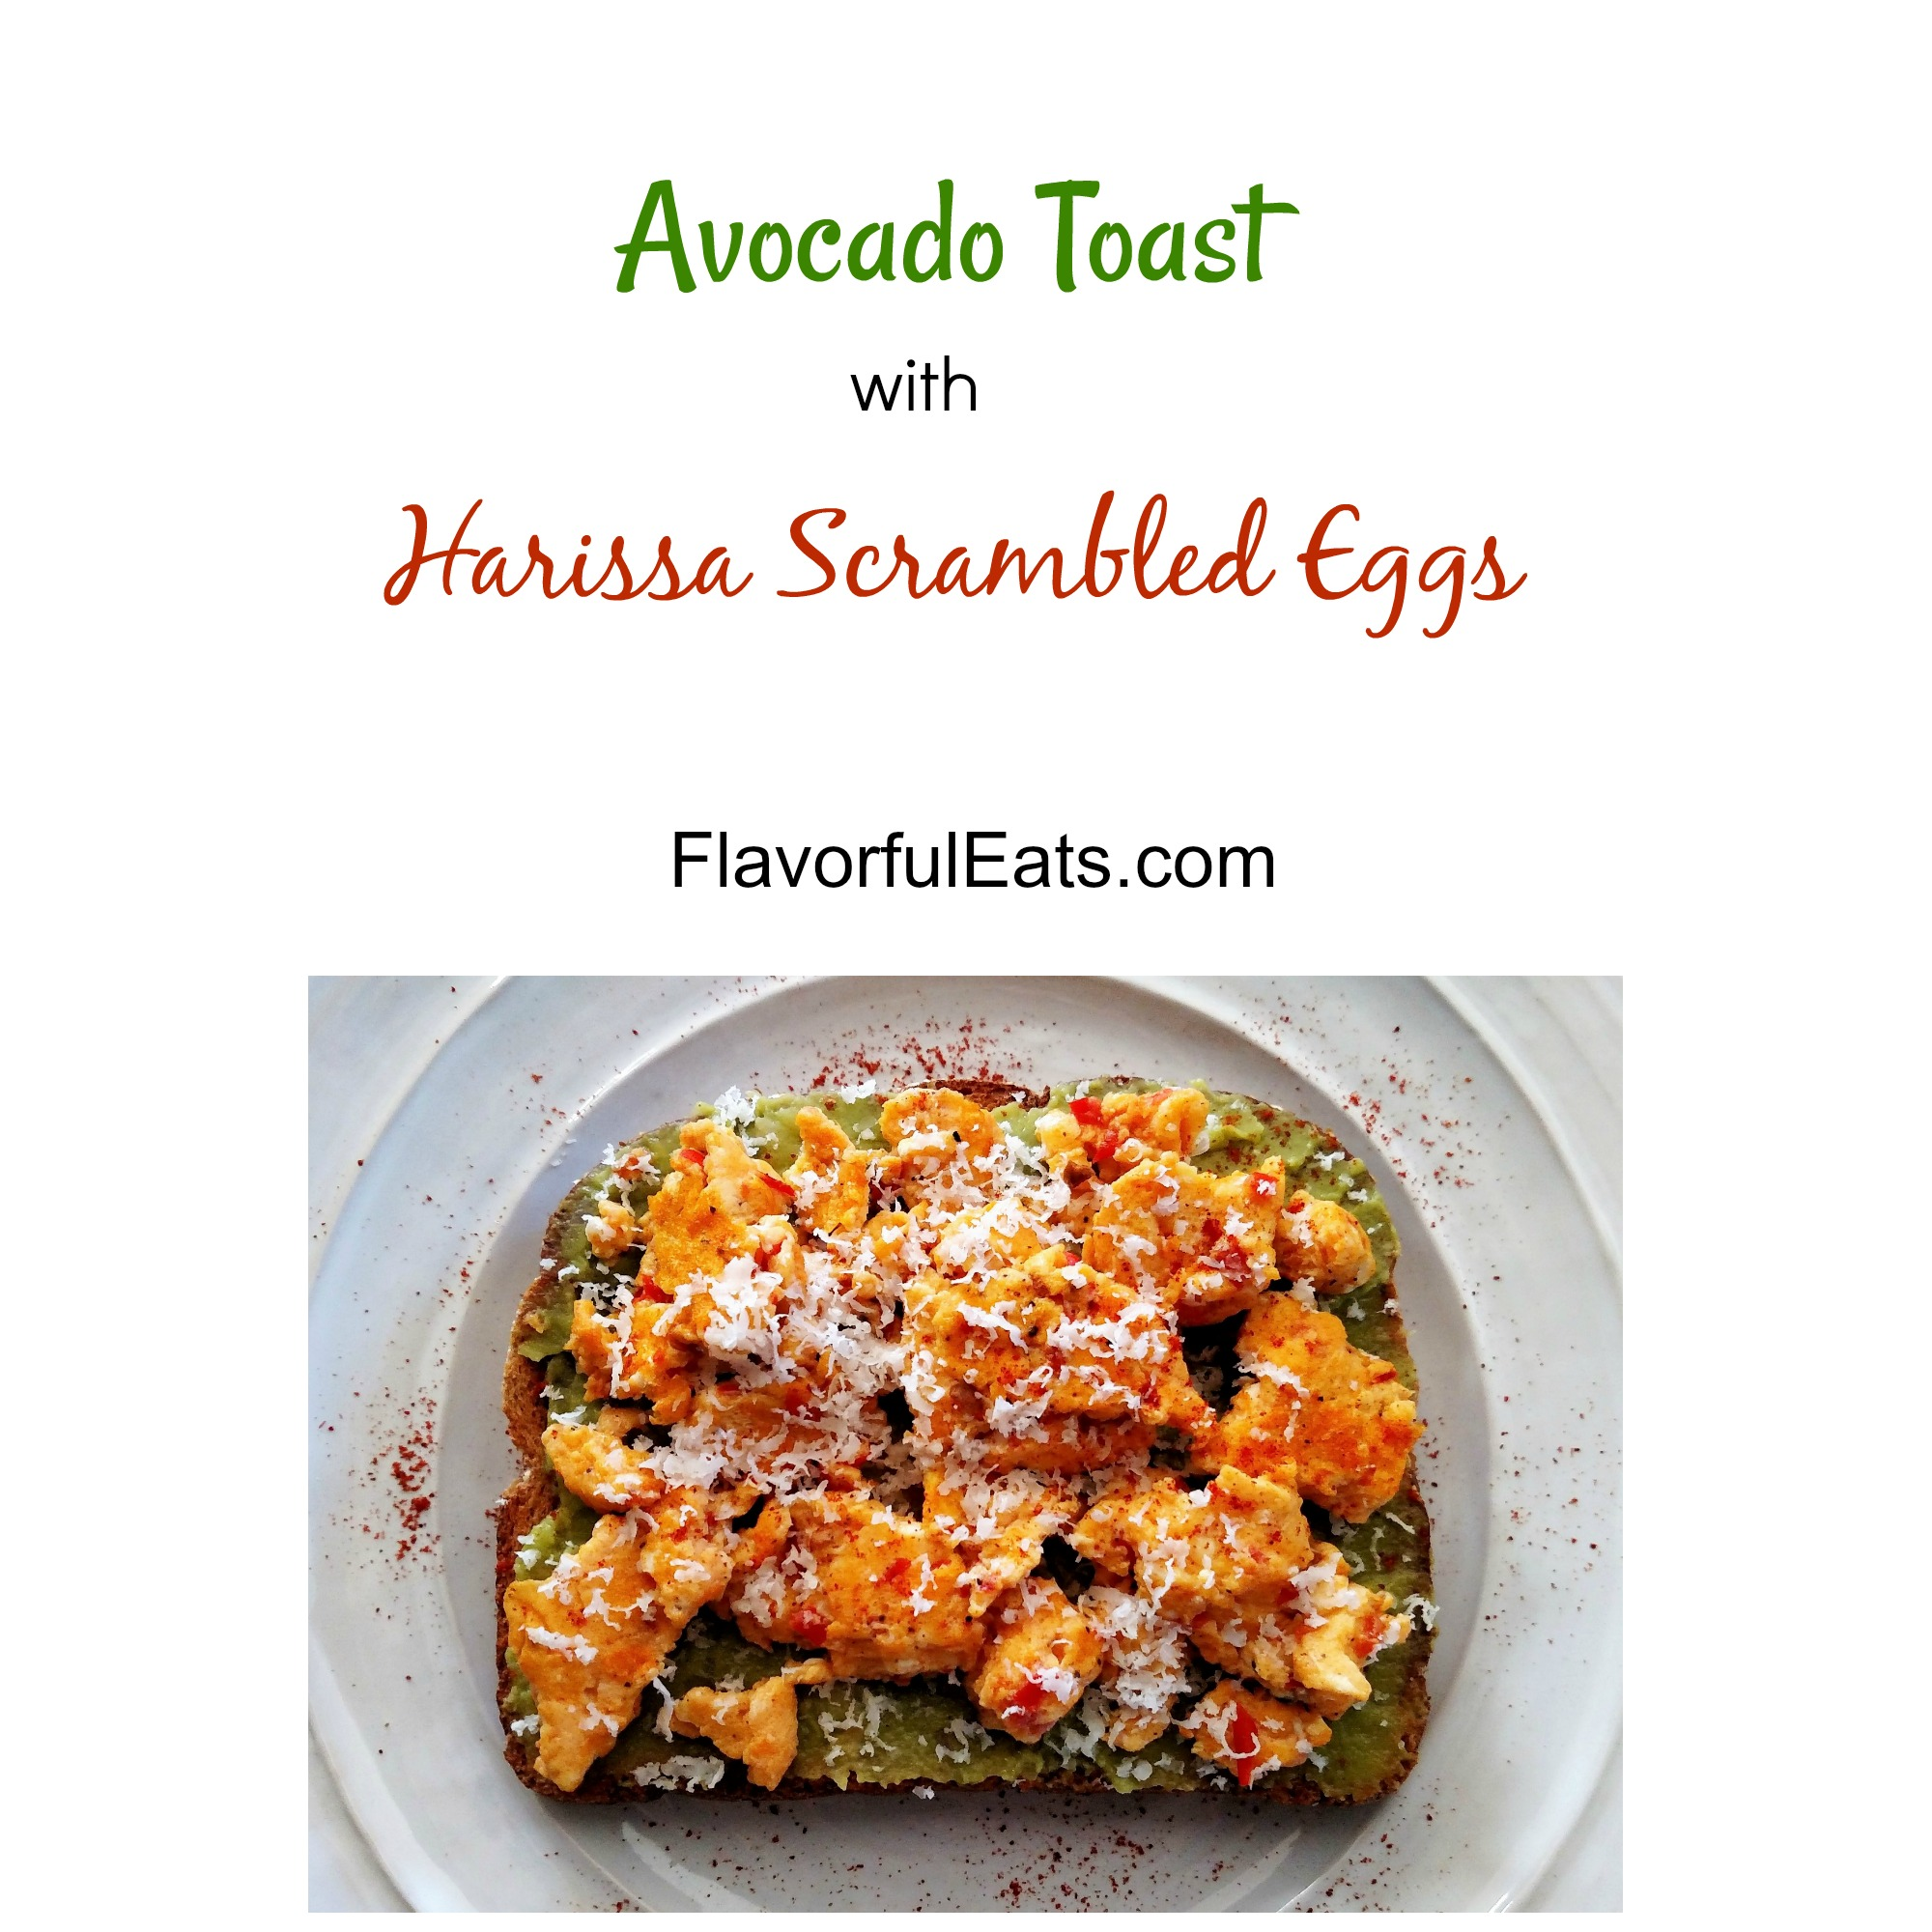 Avocado Toast with Harissa Scrambled Eggs